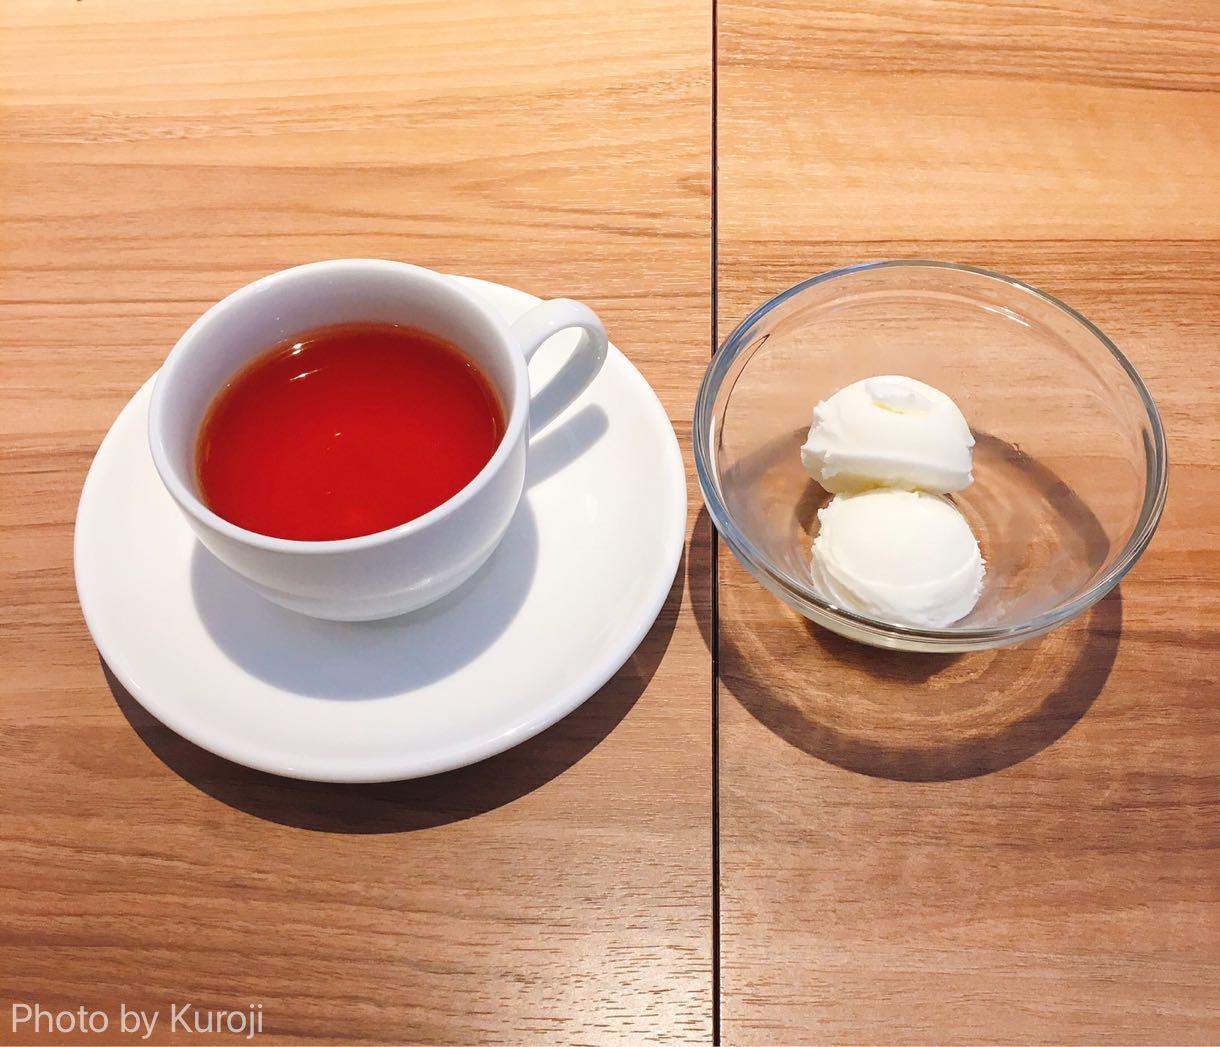 オーガニックティー、紅茶、ミルクジェラート